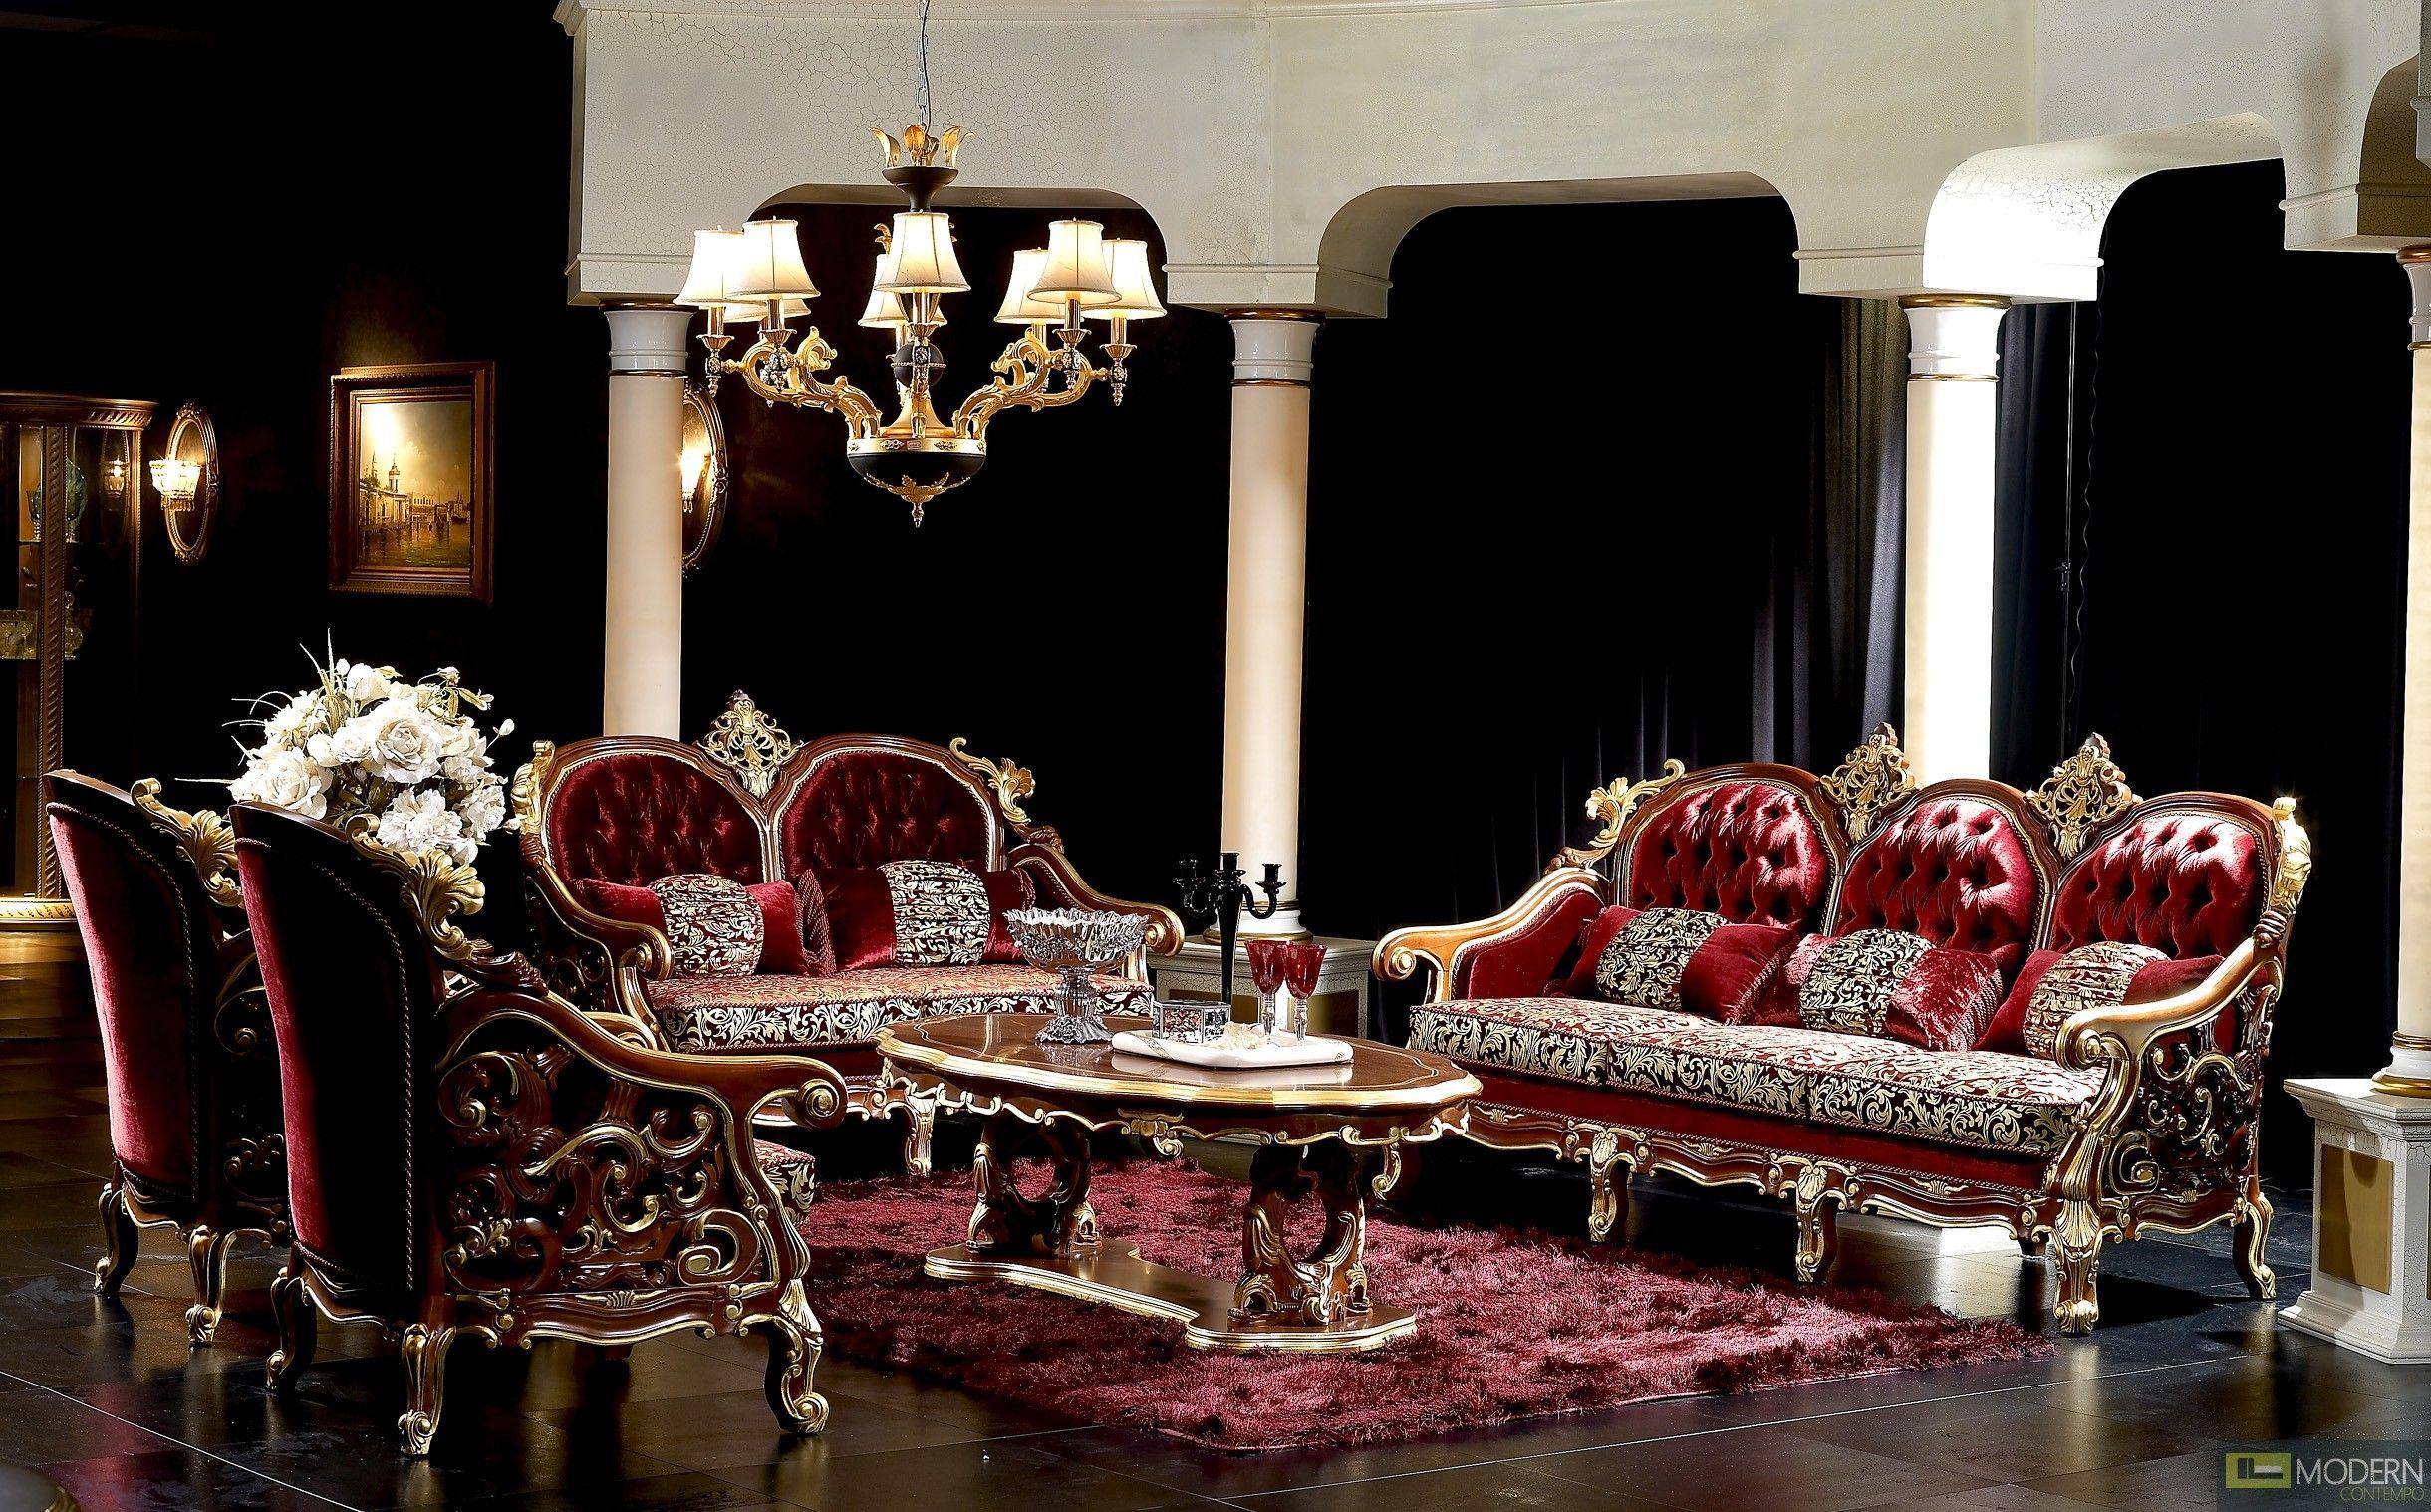 Moderncontempo com media catalog product cache 1 image c0b1f16c0eb3f2539abc28fa66e4e62a s b sb25 sofa set brown 1 jpg living room